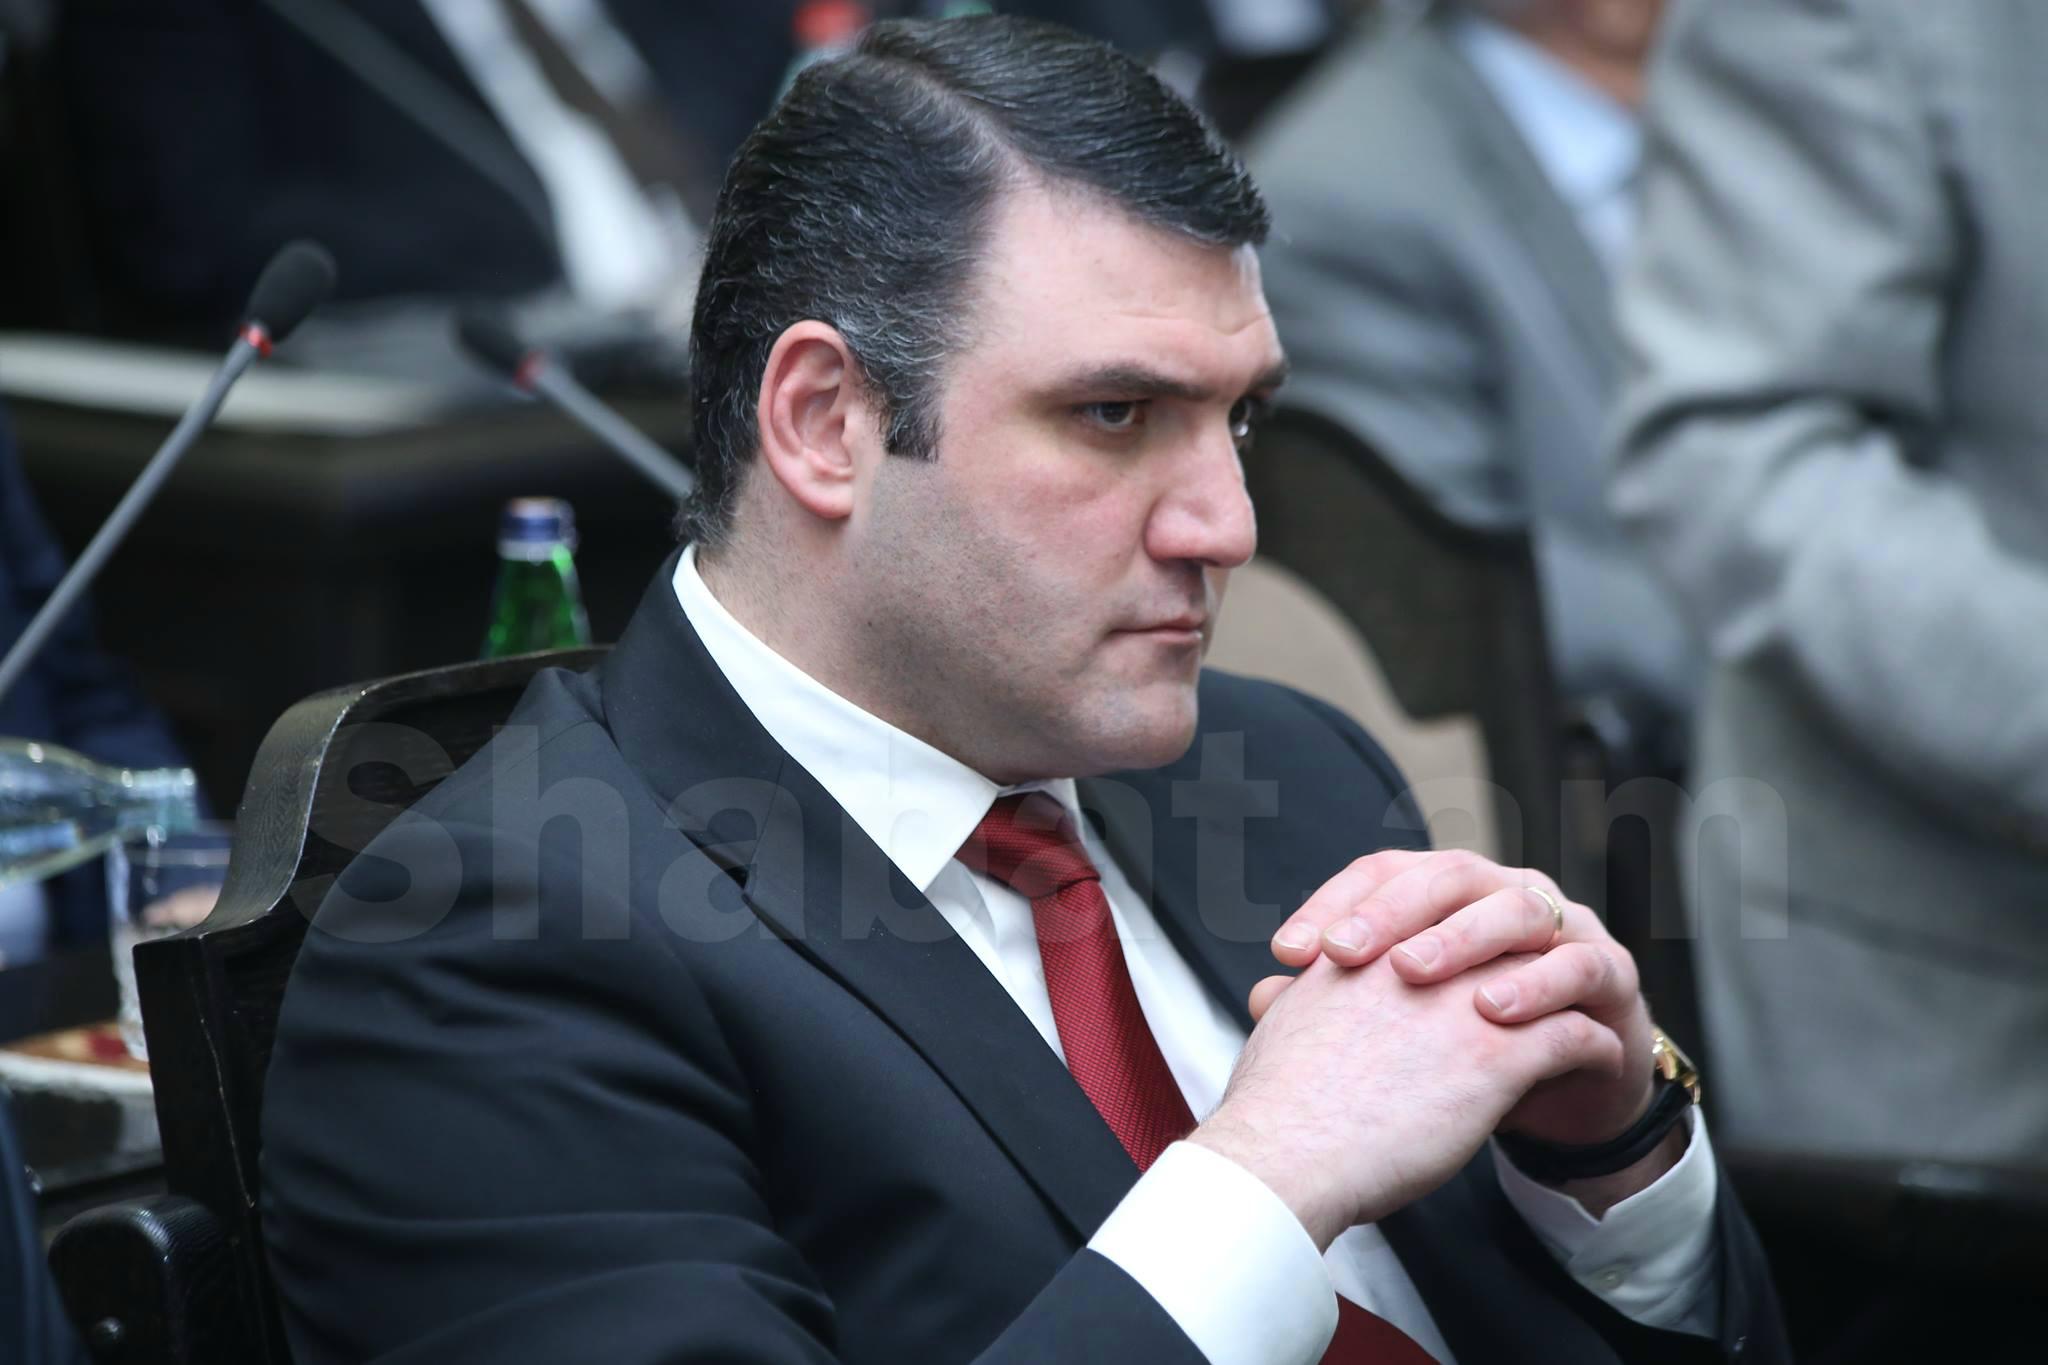 Դատարանը Գևորգ Կոստանյանին կալանավորելու որոշում կայացրեց